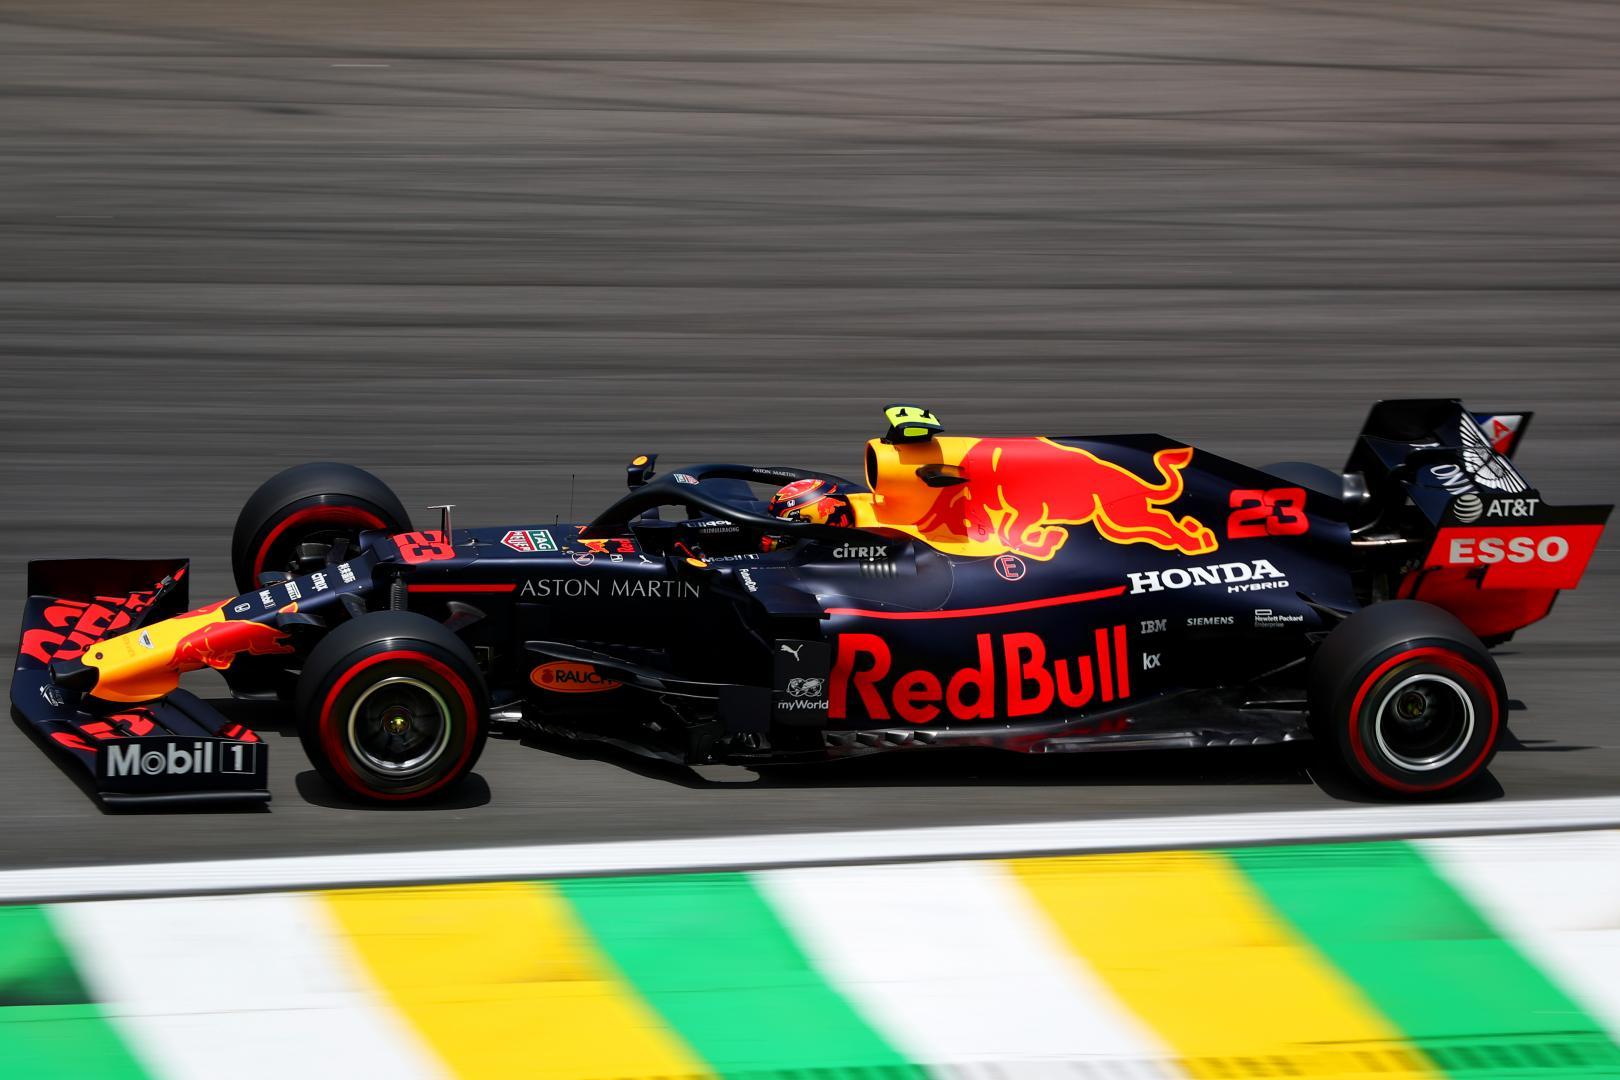 Kwalificatie van de GP van Brazilië 2019